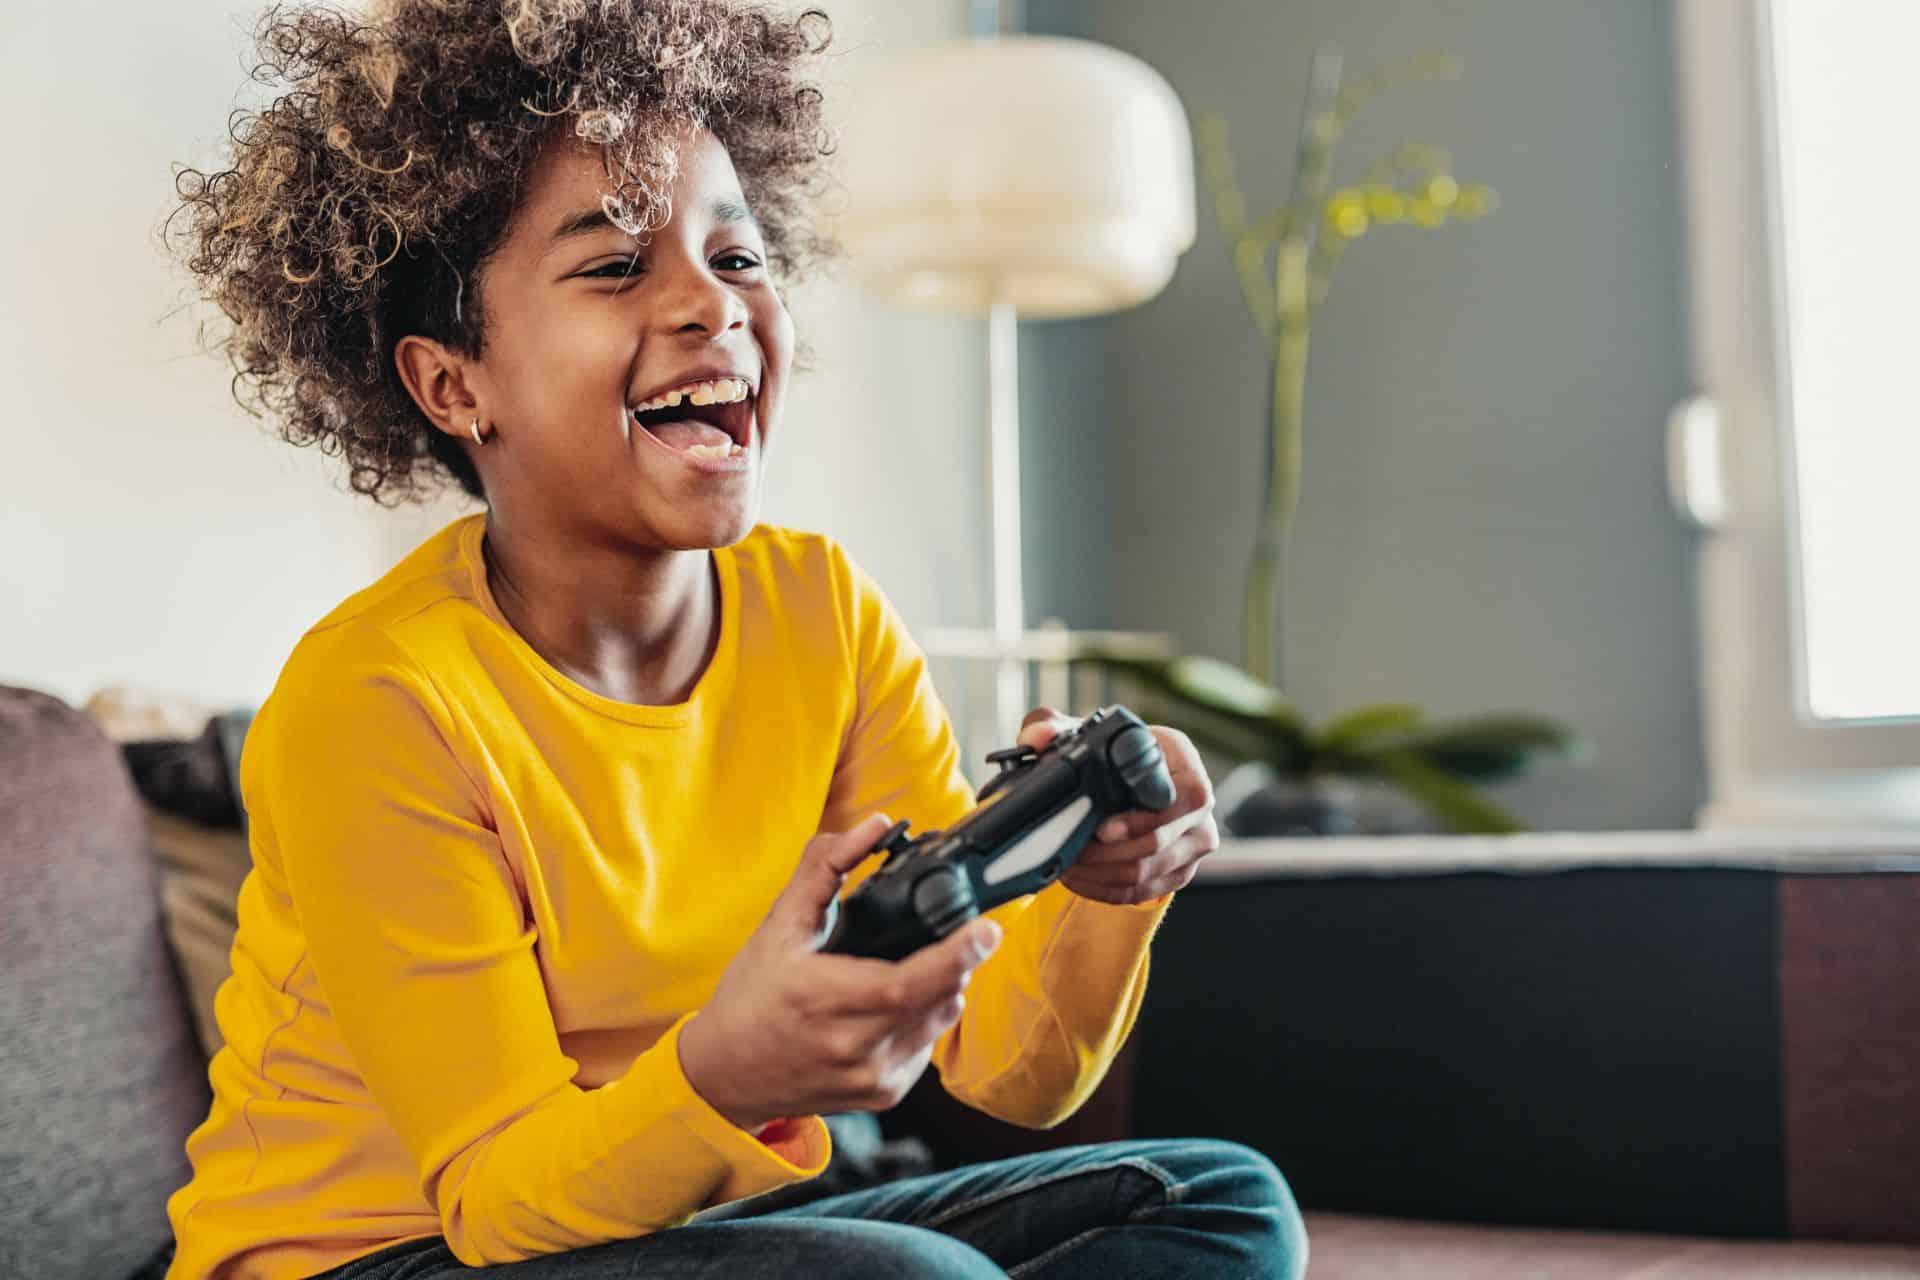 Mijn kind wil alleen maar gamen: hoe ga ik daarmee om?